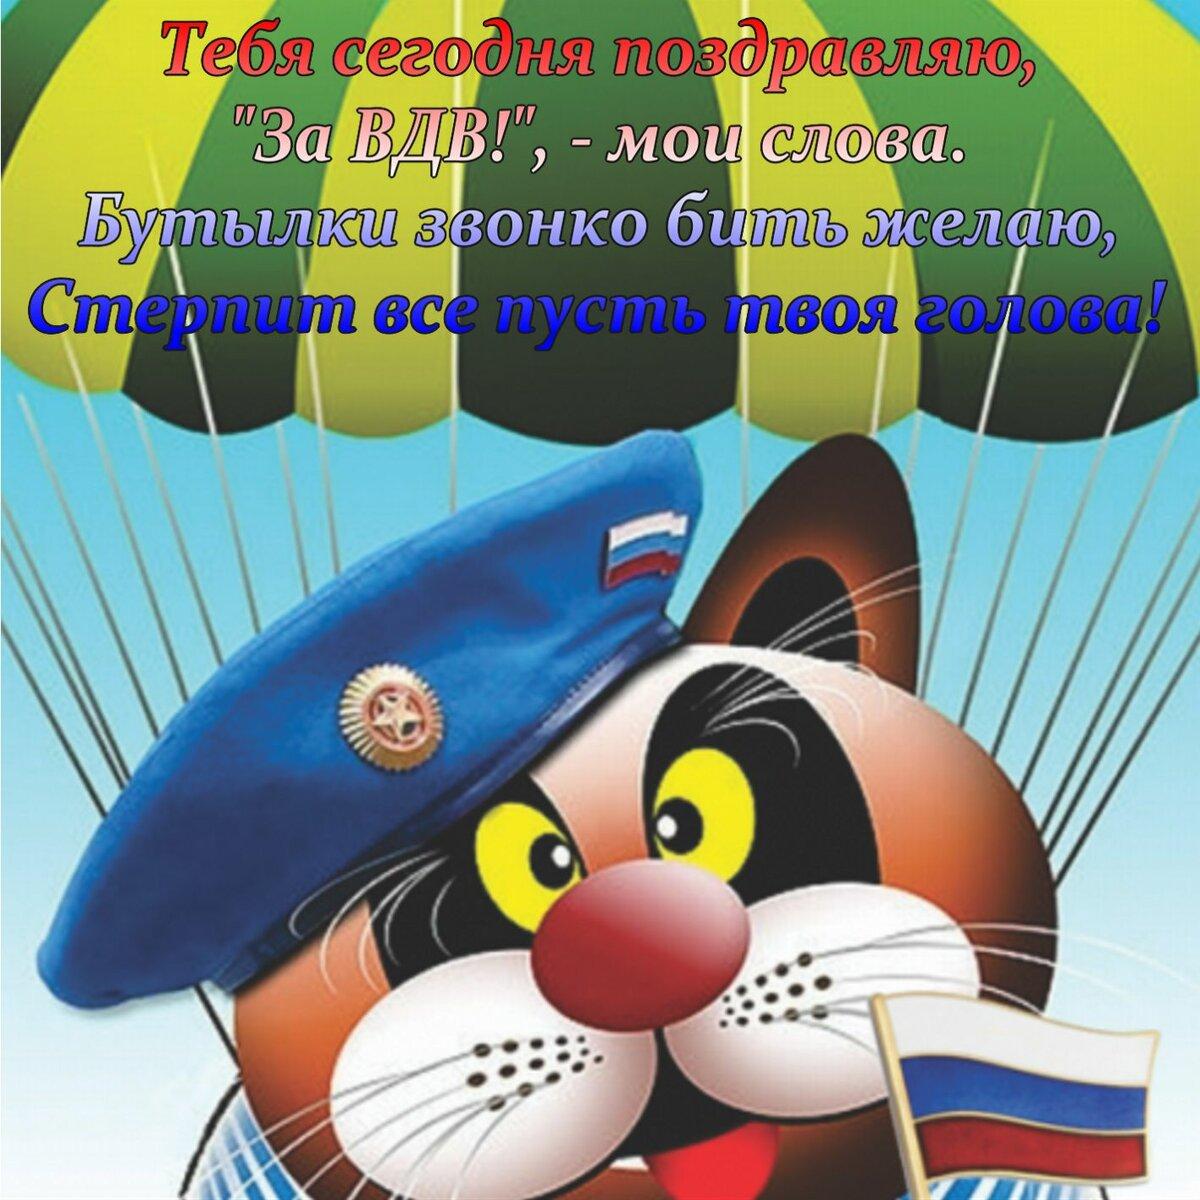 Открытки с днем рождения для вдв, православной пасхи открытка